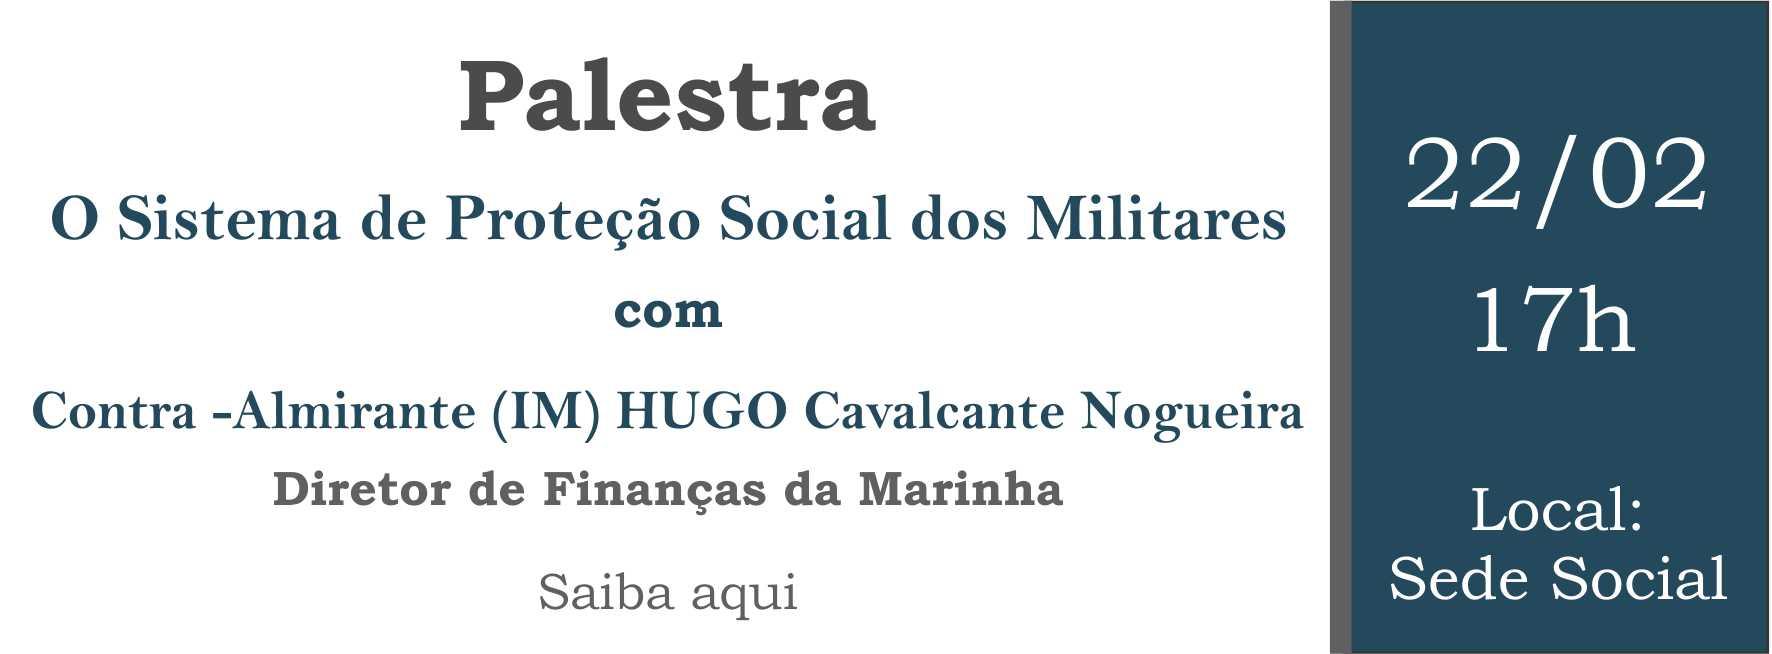 https://www.clubenaval.org.br/novo/palestra-com-alte-hugo-diretor-de-finan%C3%A7as-da-marinha-sistema-de-prote%C3%A7%C3%A3o-social-dos-militares